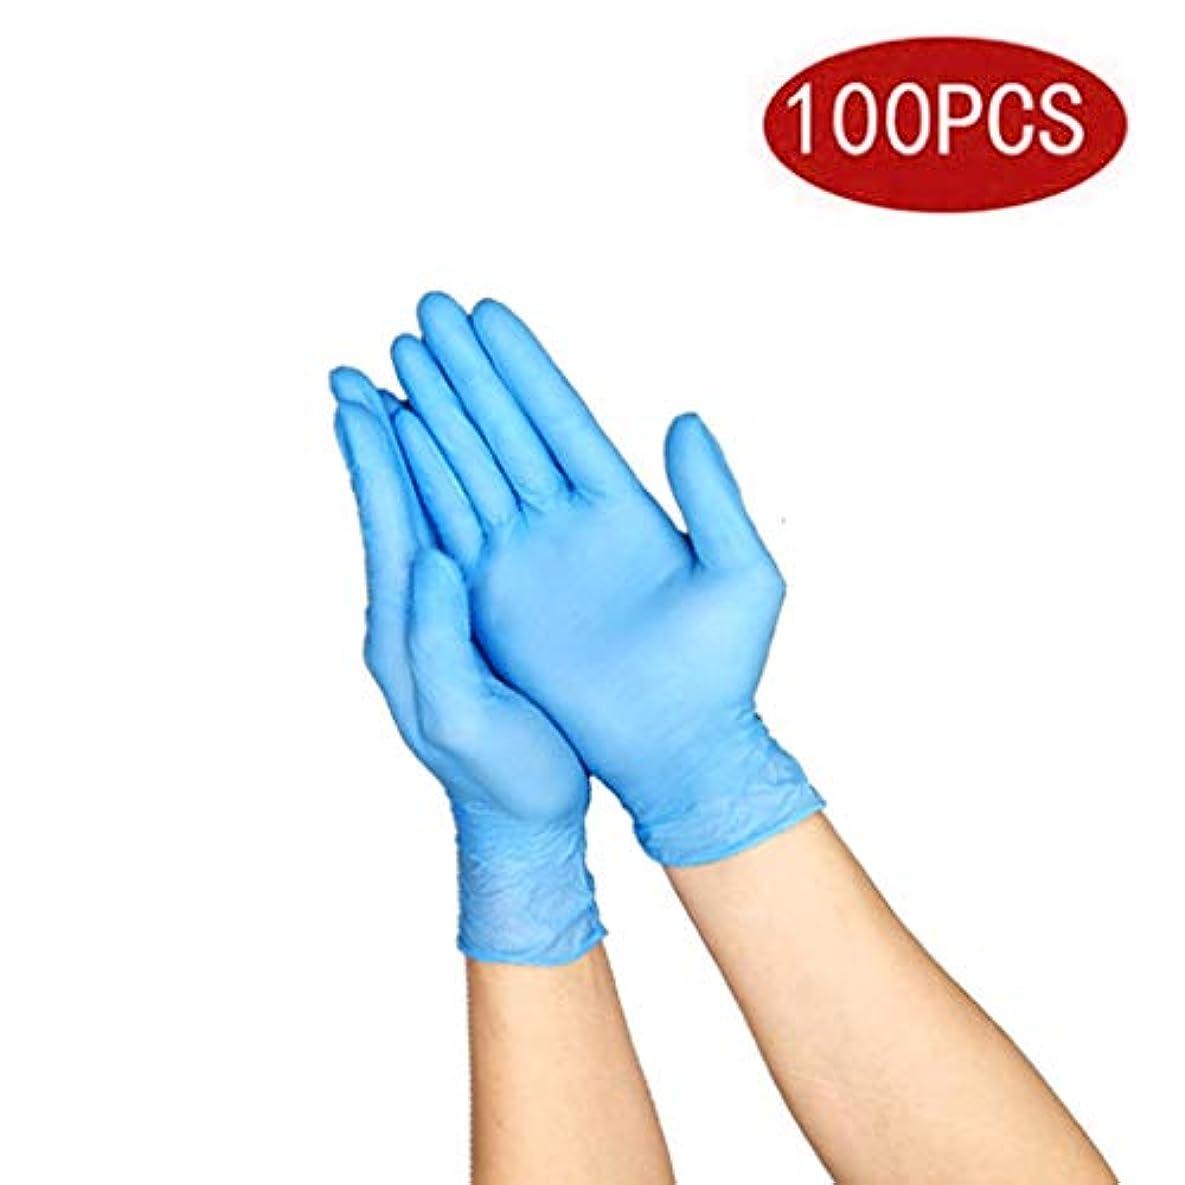 今後砂祈り9インチ使い捨てニトリル手袋ラテックス手袋100のラバー食品グレードホームペットケアボックス (Size : L)